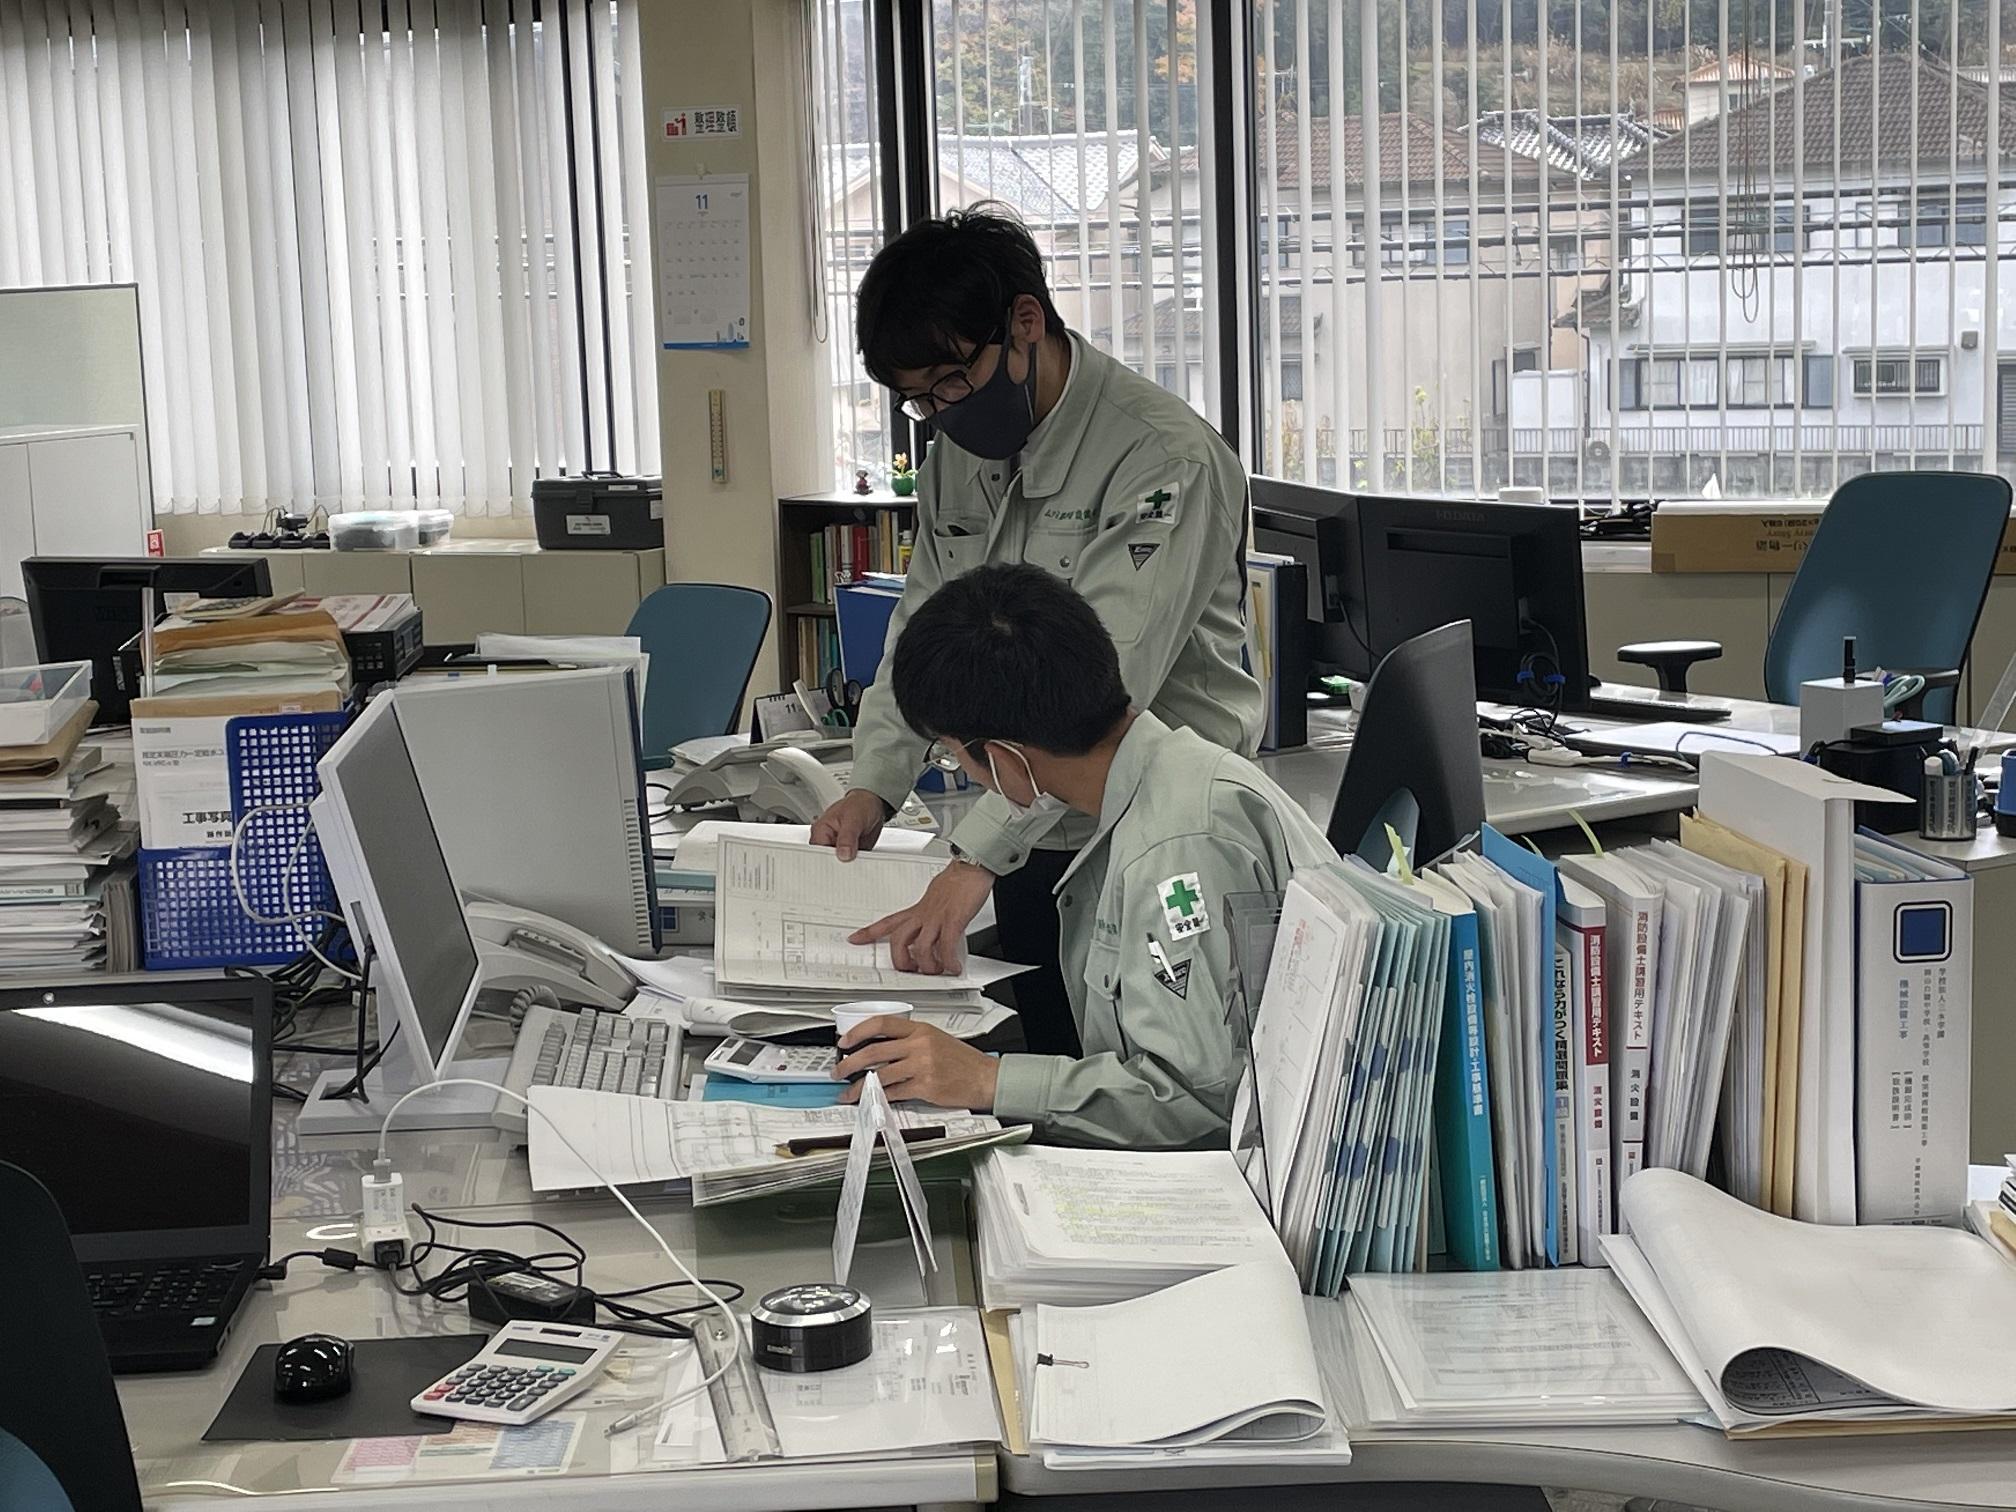 【技術職】機械設備工事のおける施工図面の作成ならびに施工管理。(新卒者対象)イメージ